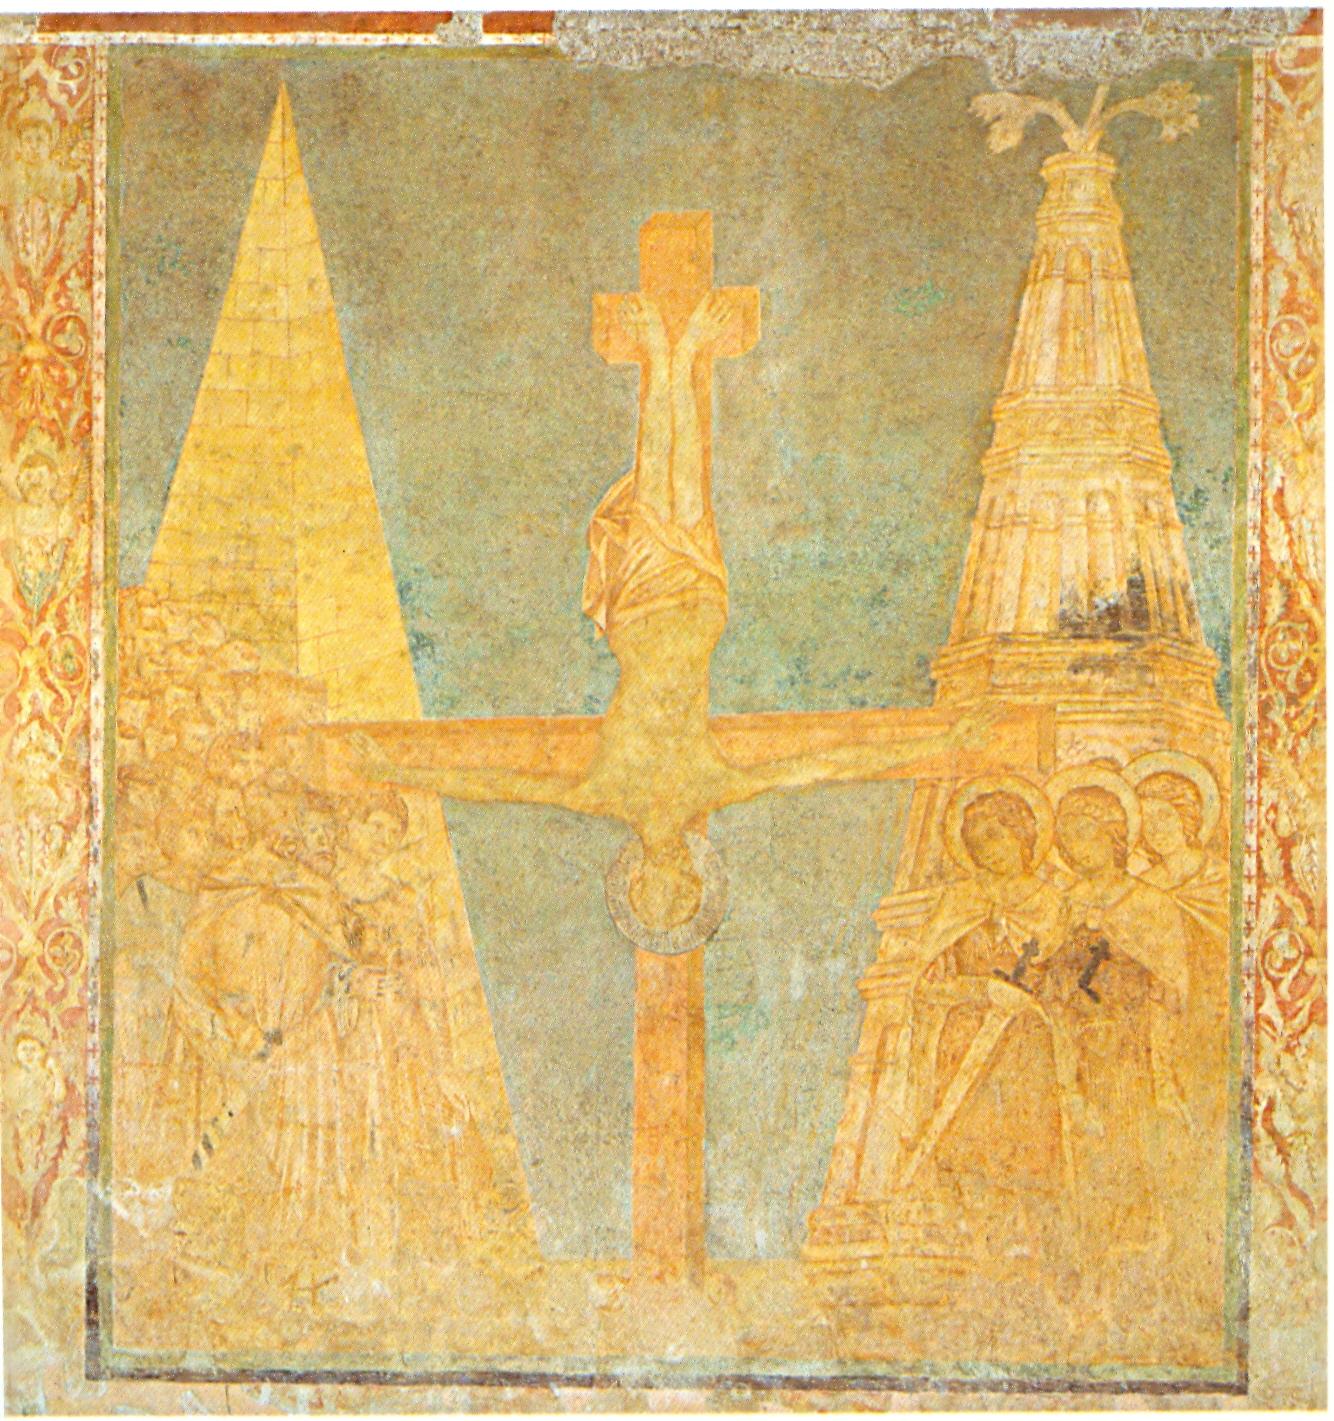 Crocifissione di san Pietro (Cimabue)